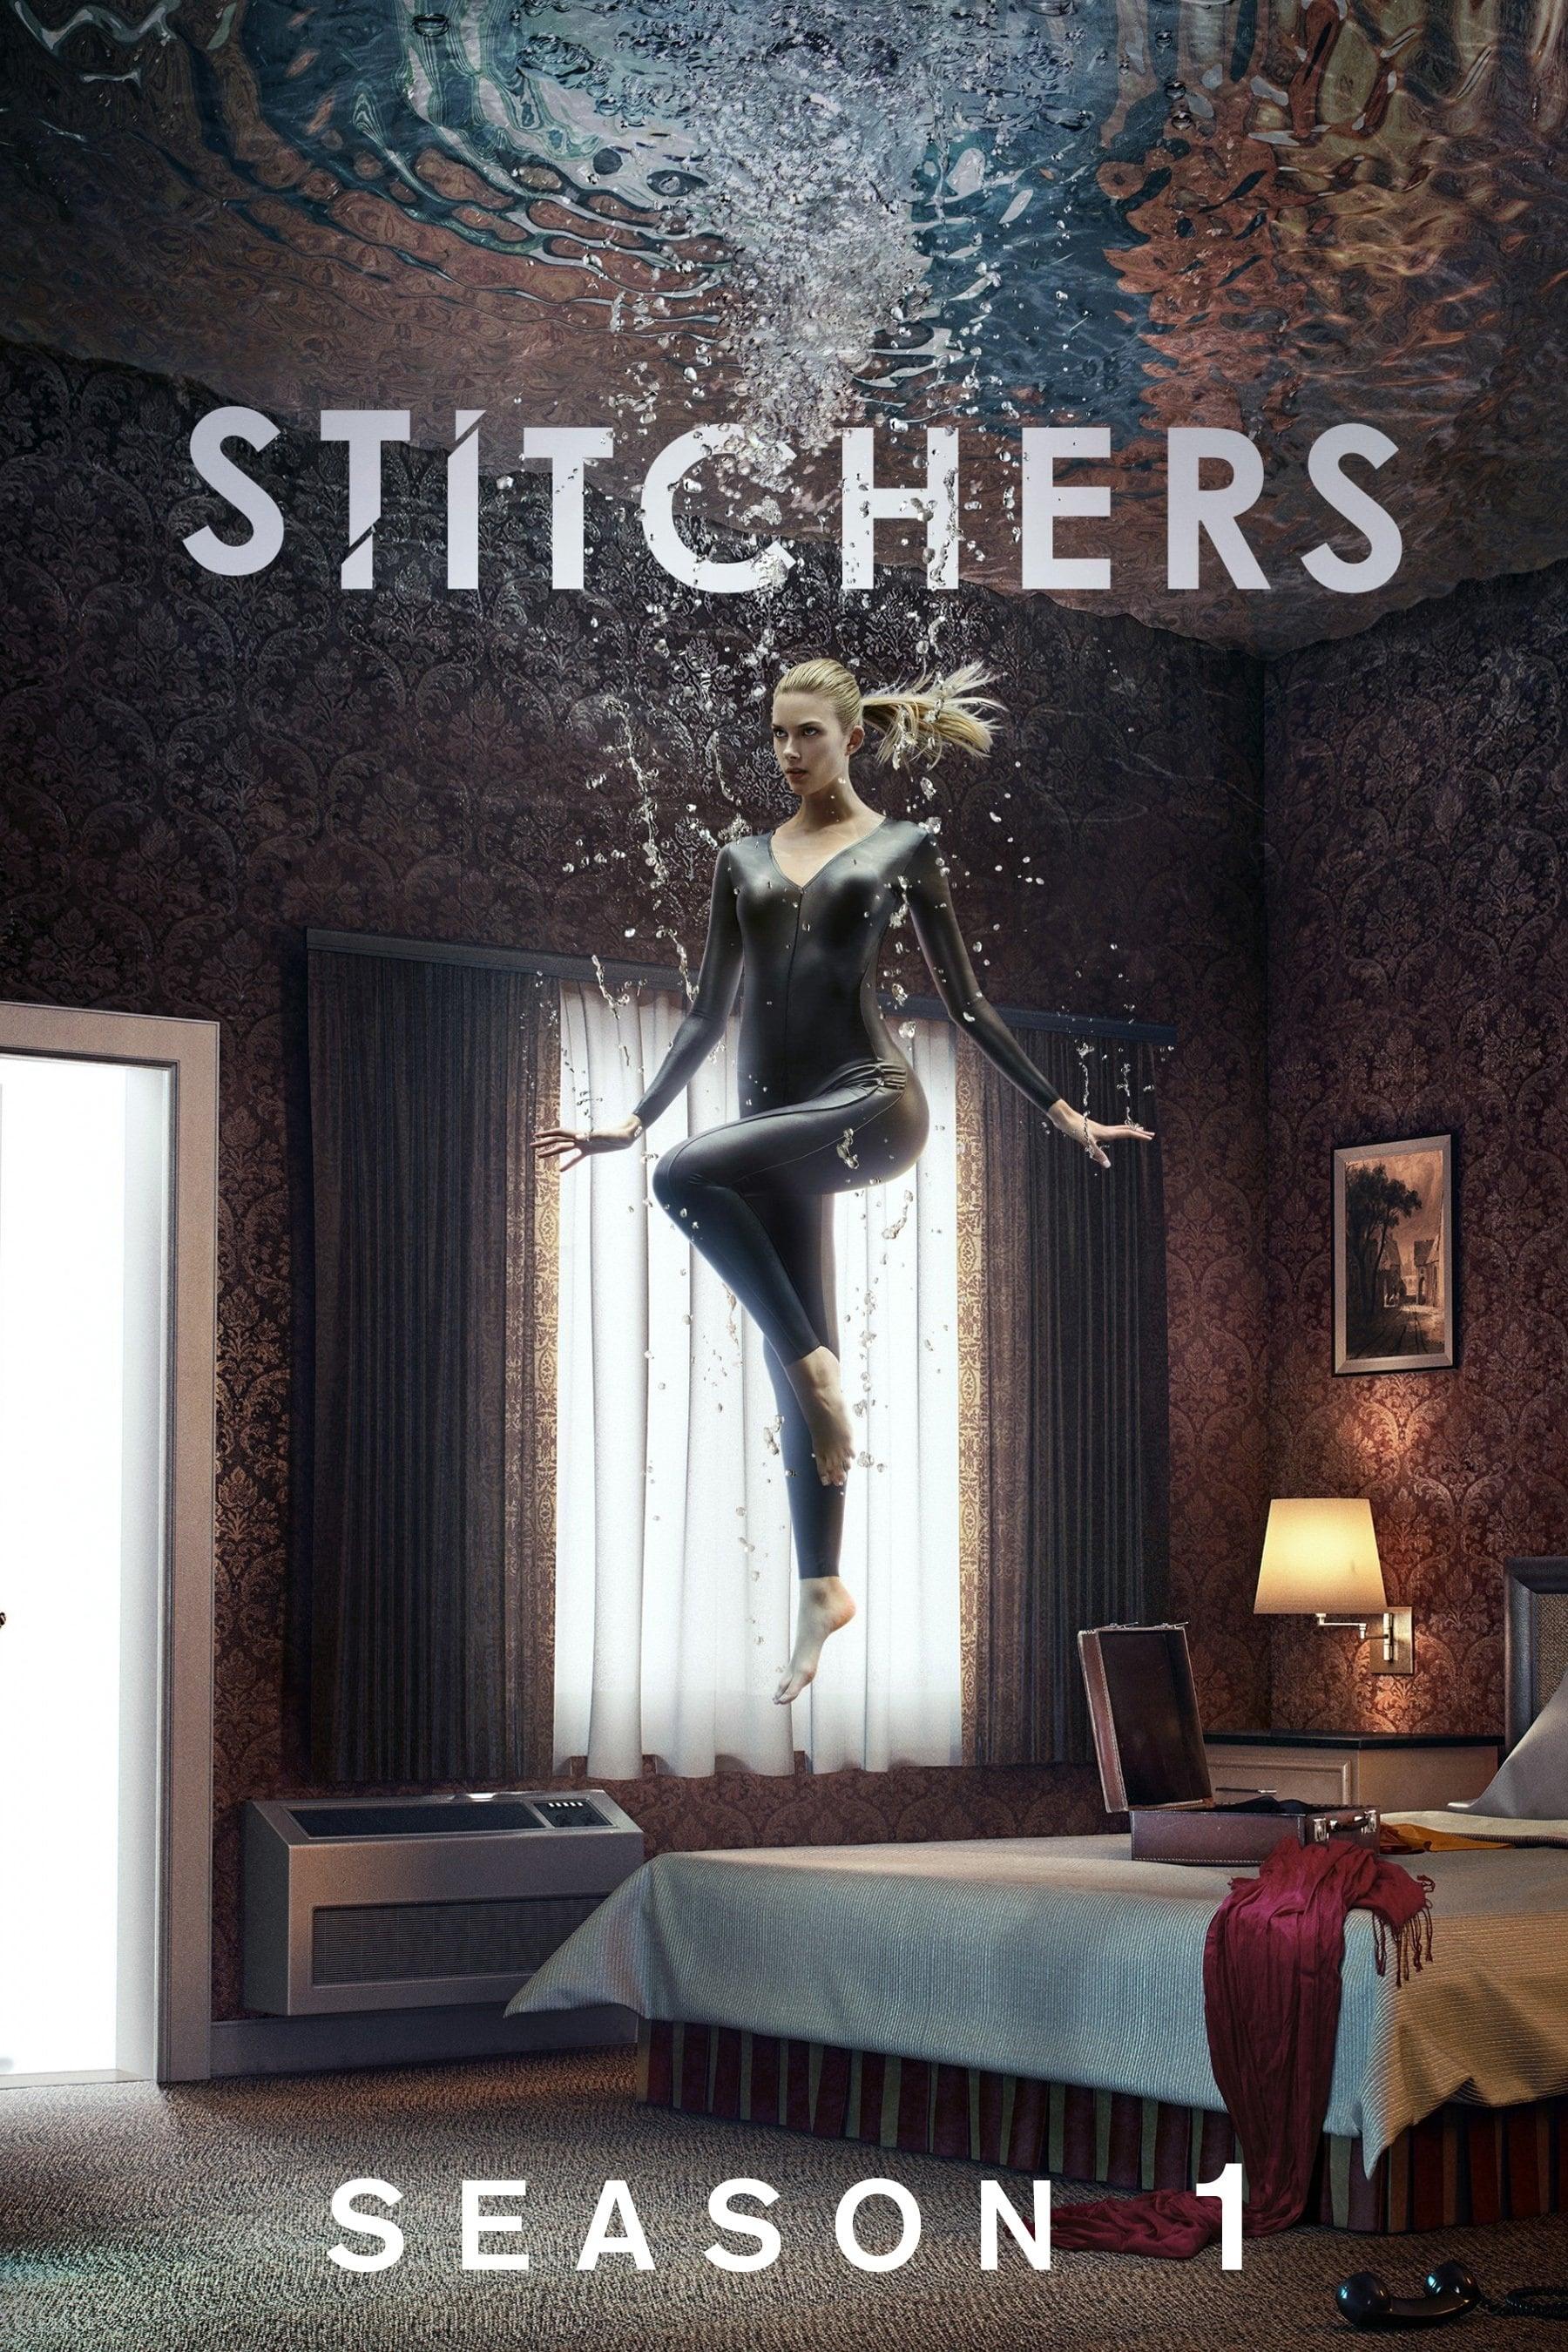 Regarder Stitchers Saison 1 en Streaming